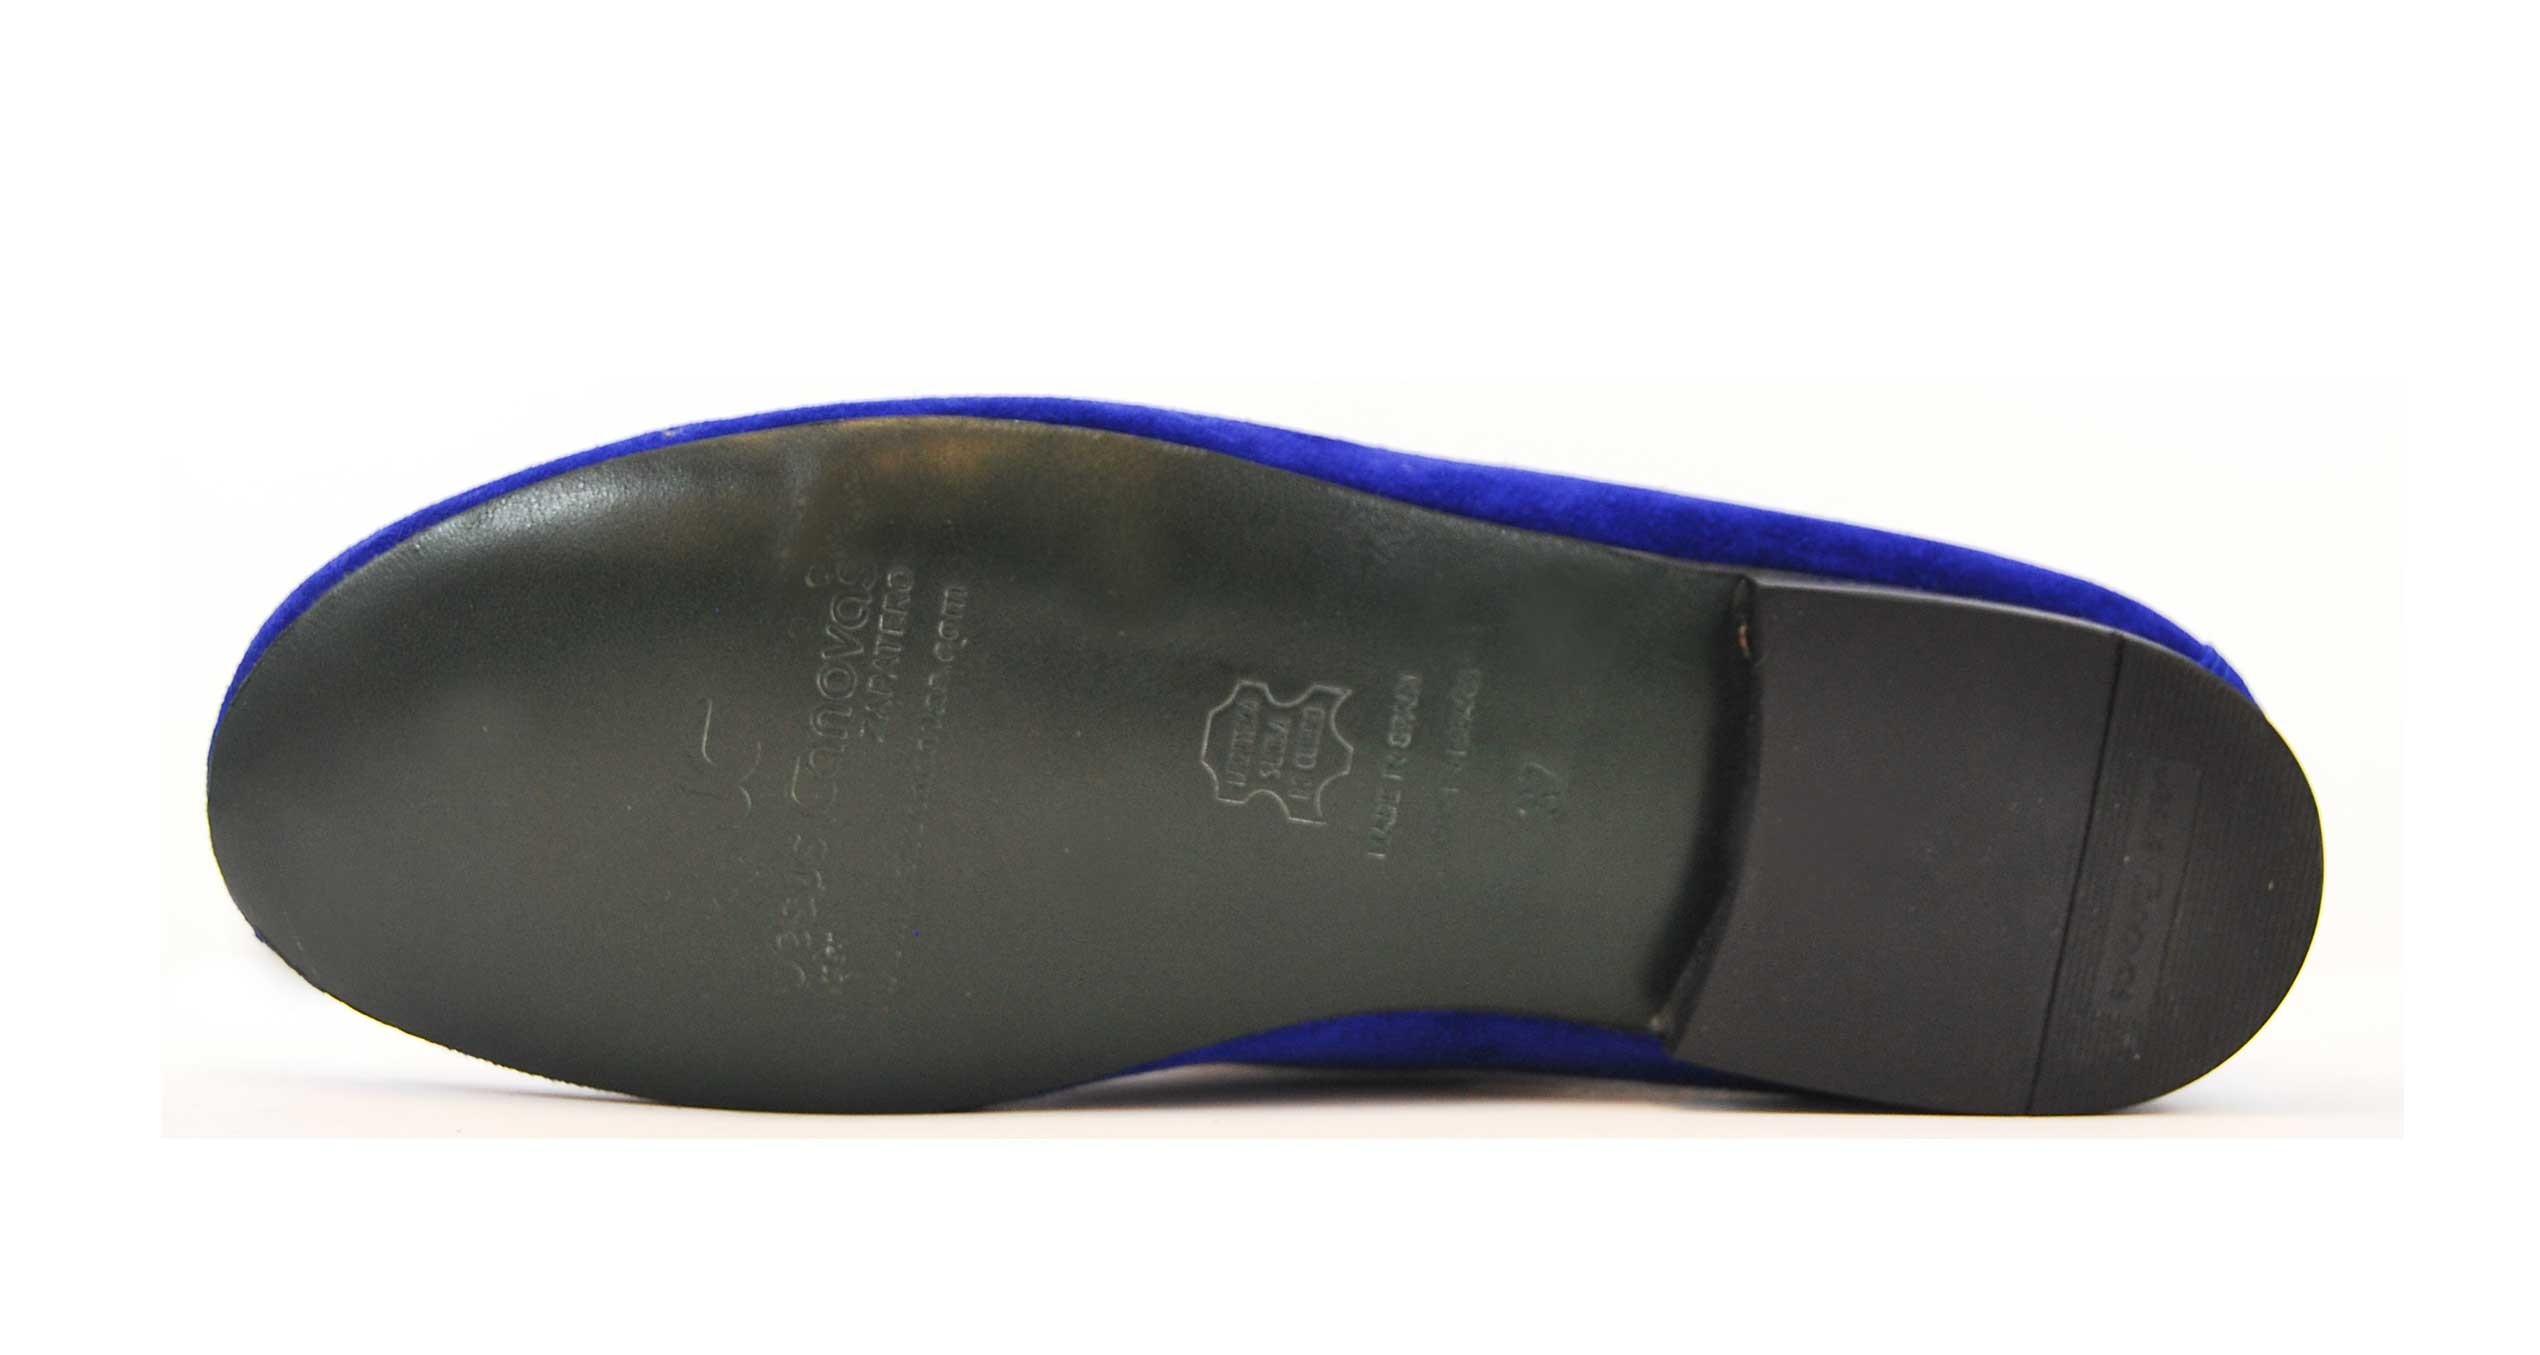 Foto 3 de Velvet slippers azulon 884 bordado flor de lis cobre